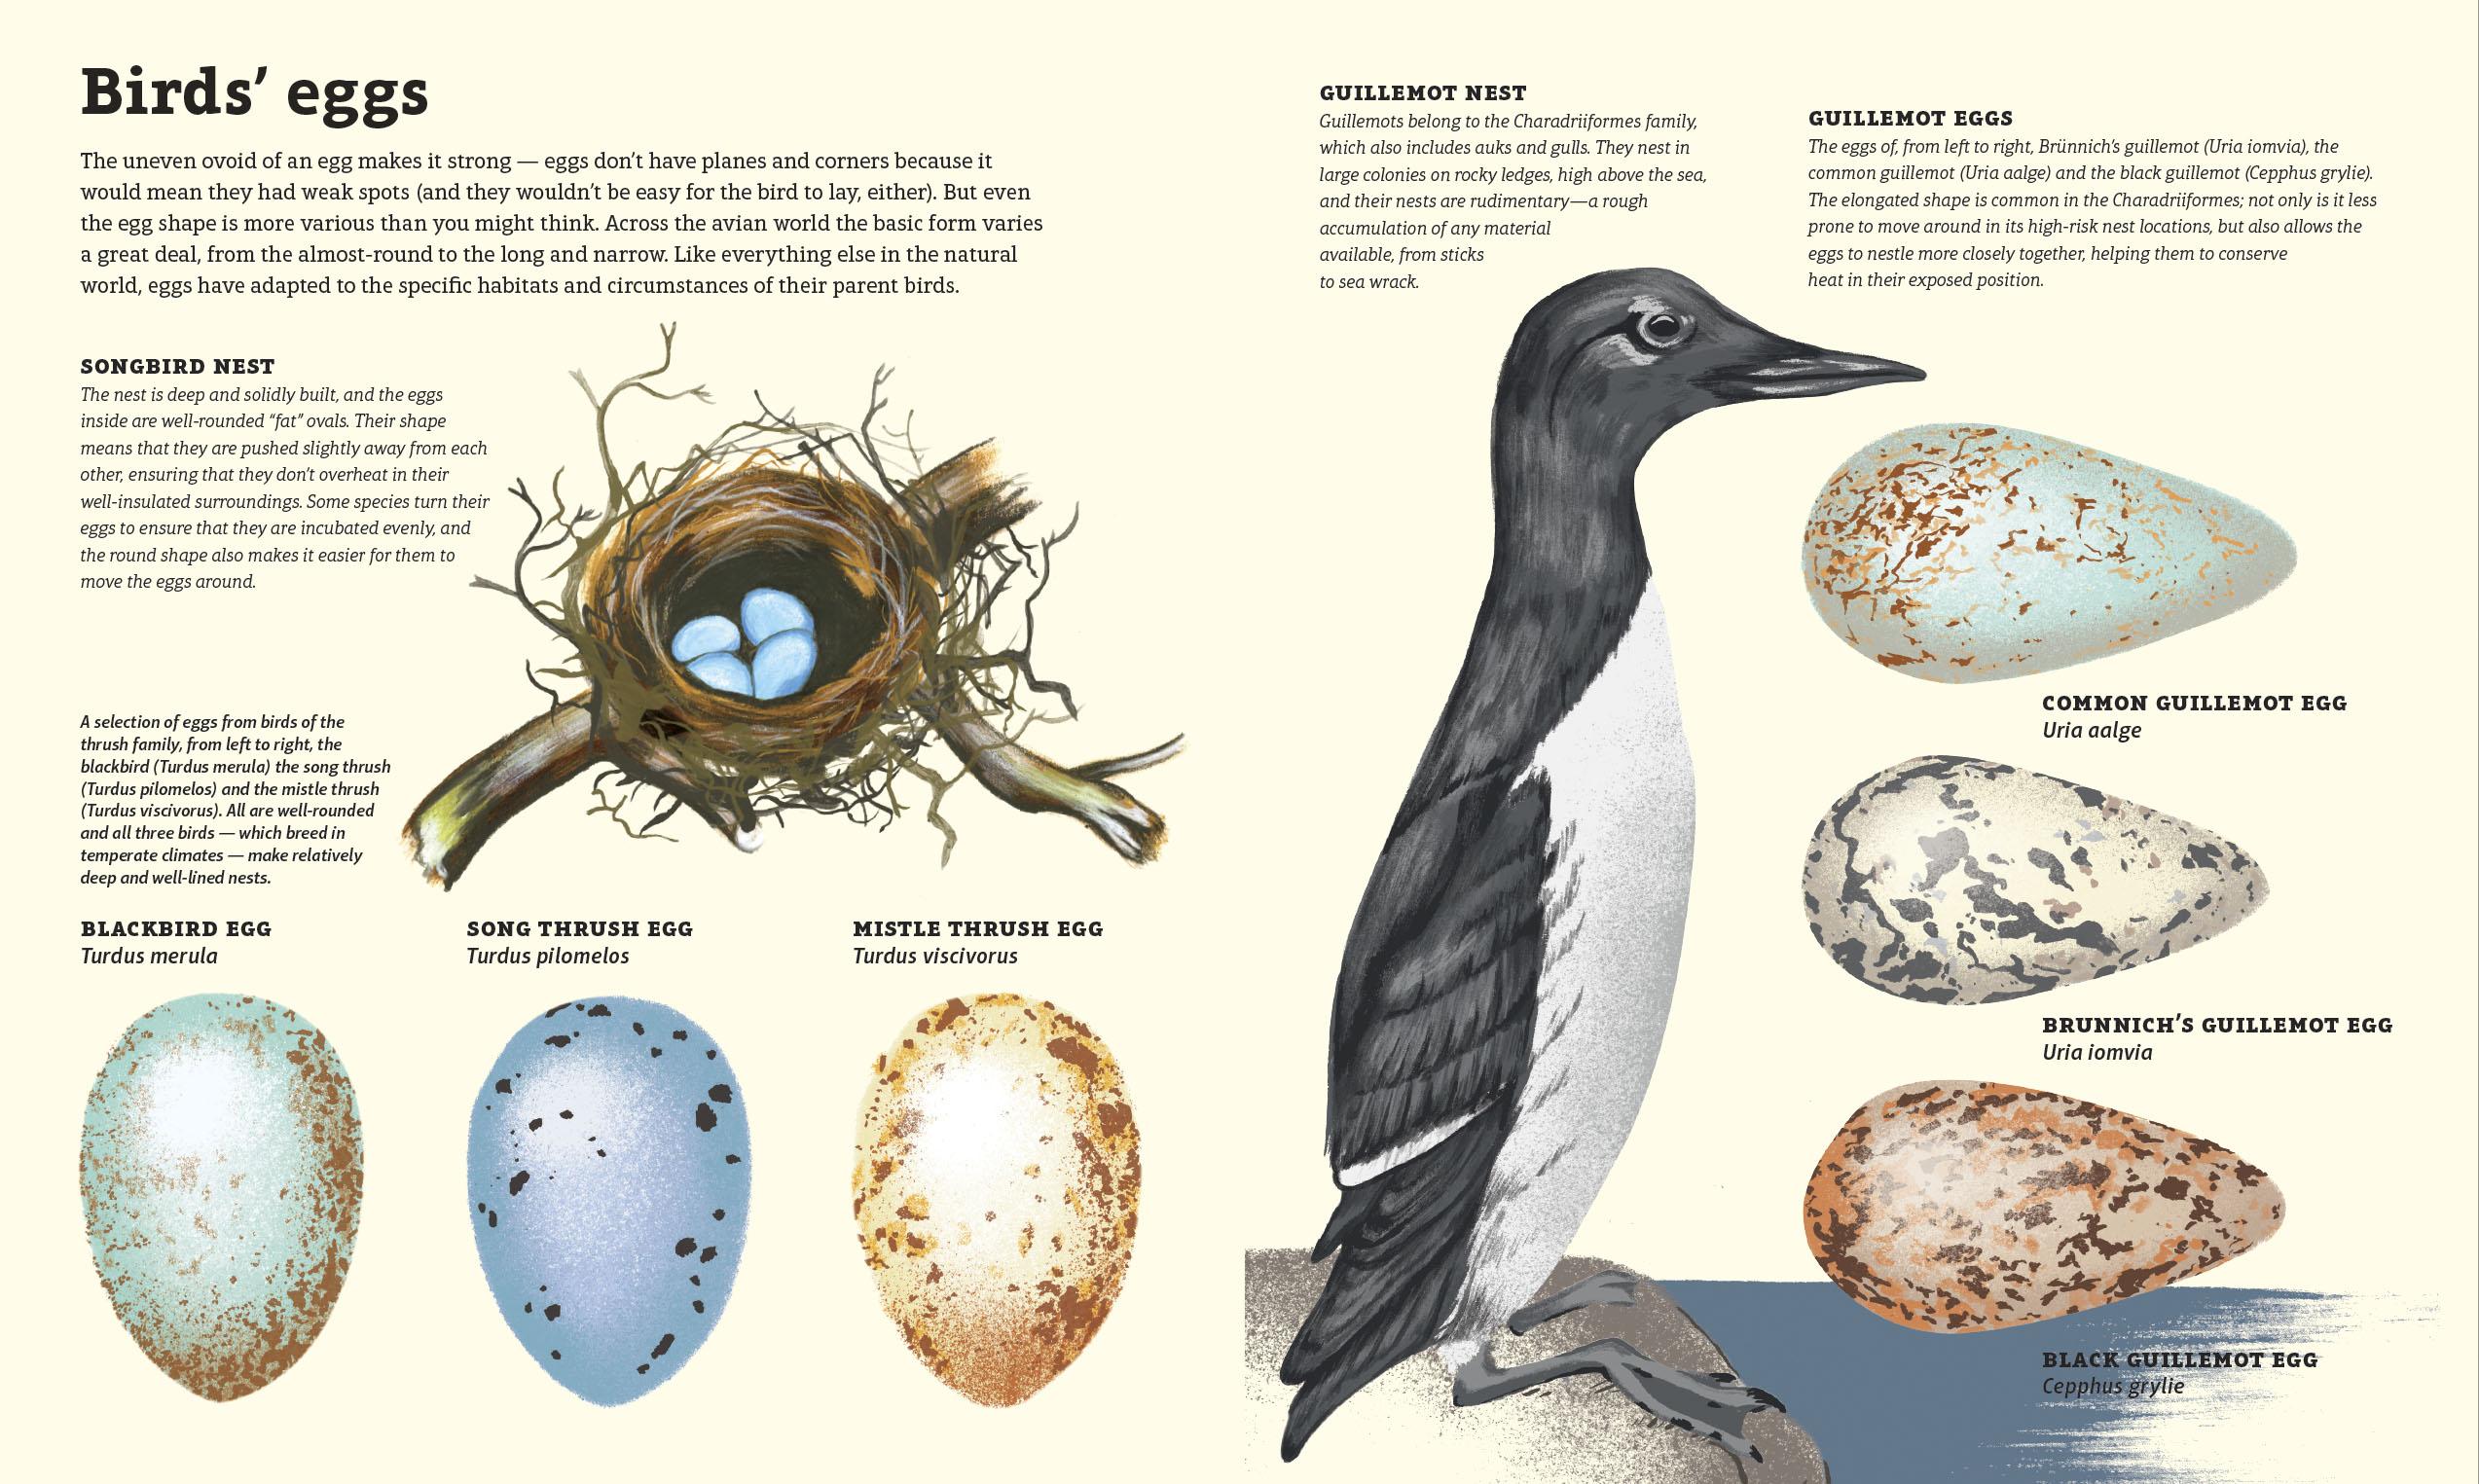 Bird's eggs illustration